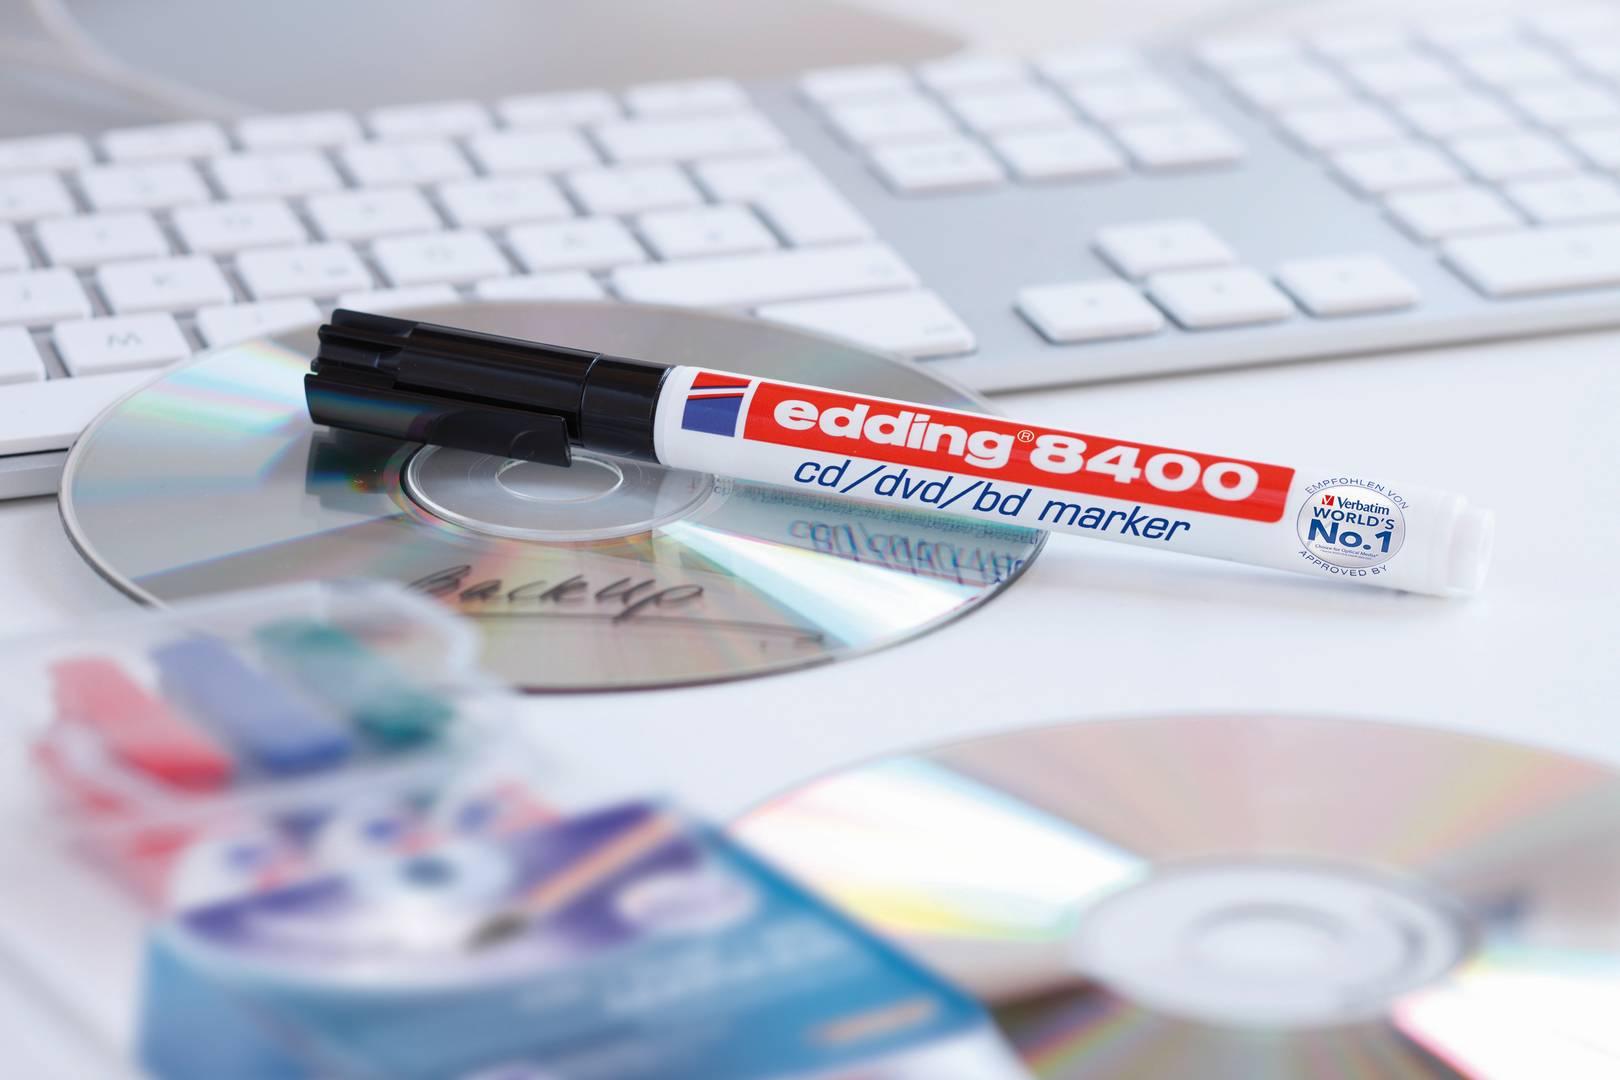 edding 8400 popisovač na CD/DVD/BD, kulatý hrot 0.5 -1 mm, mix 10ks